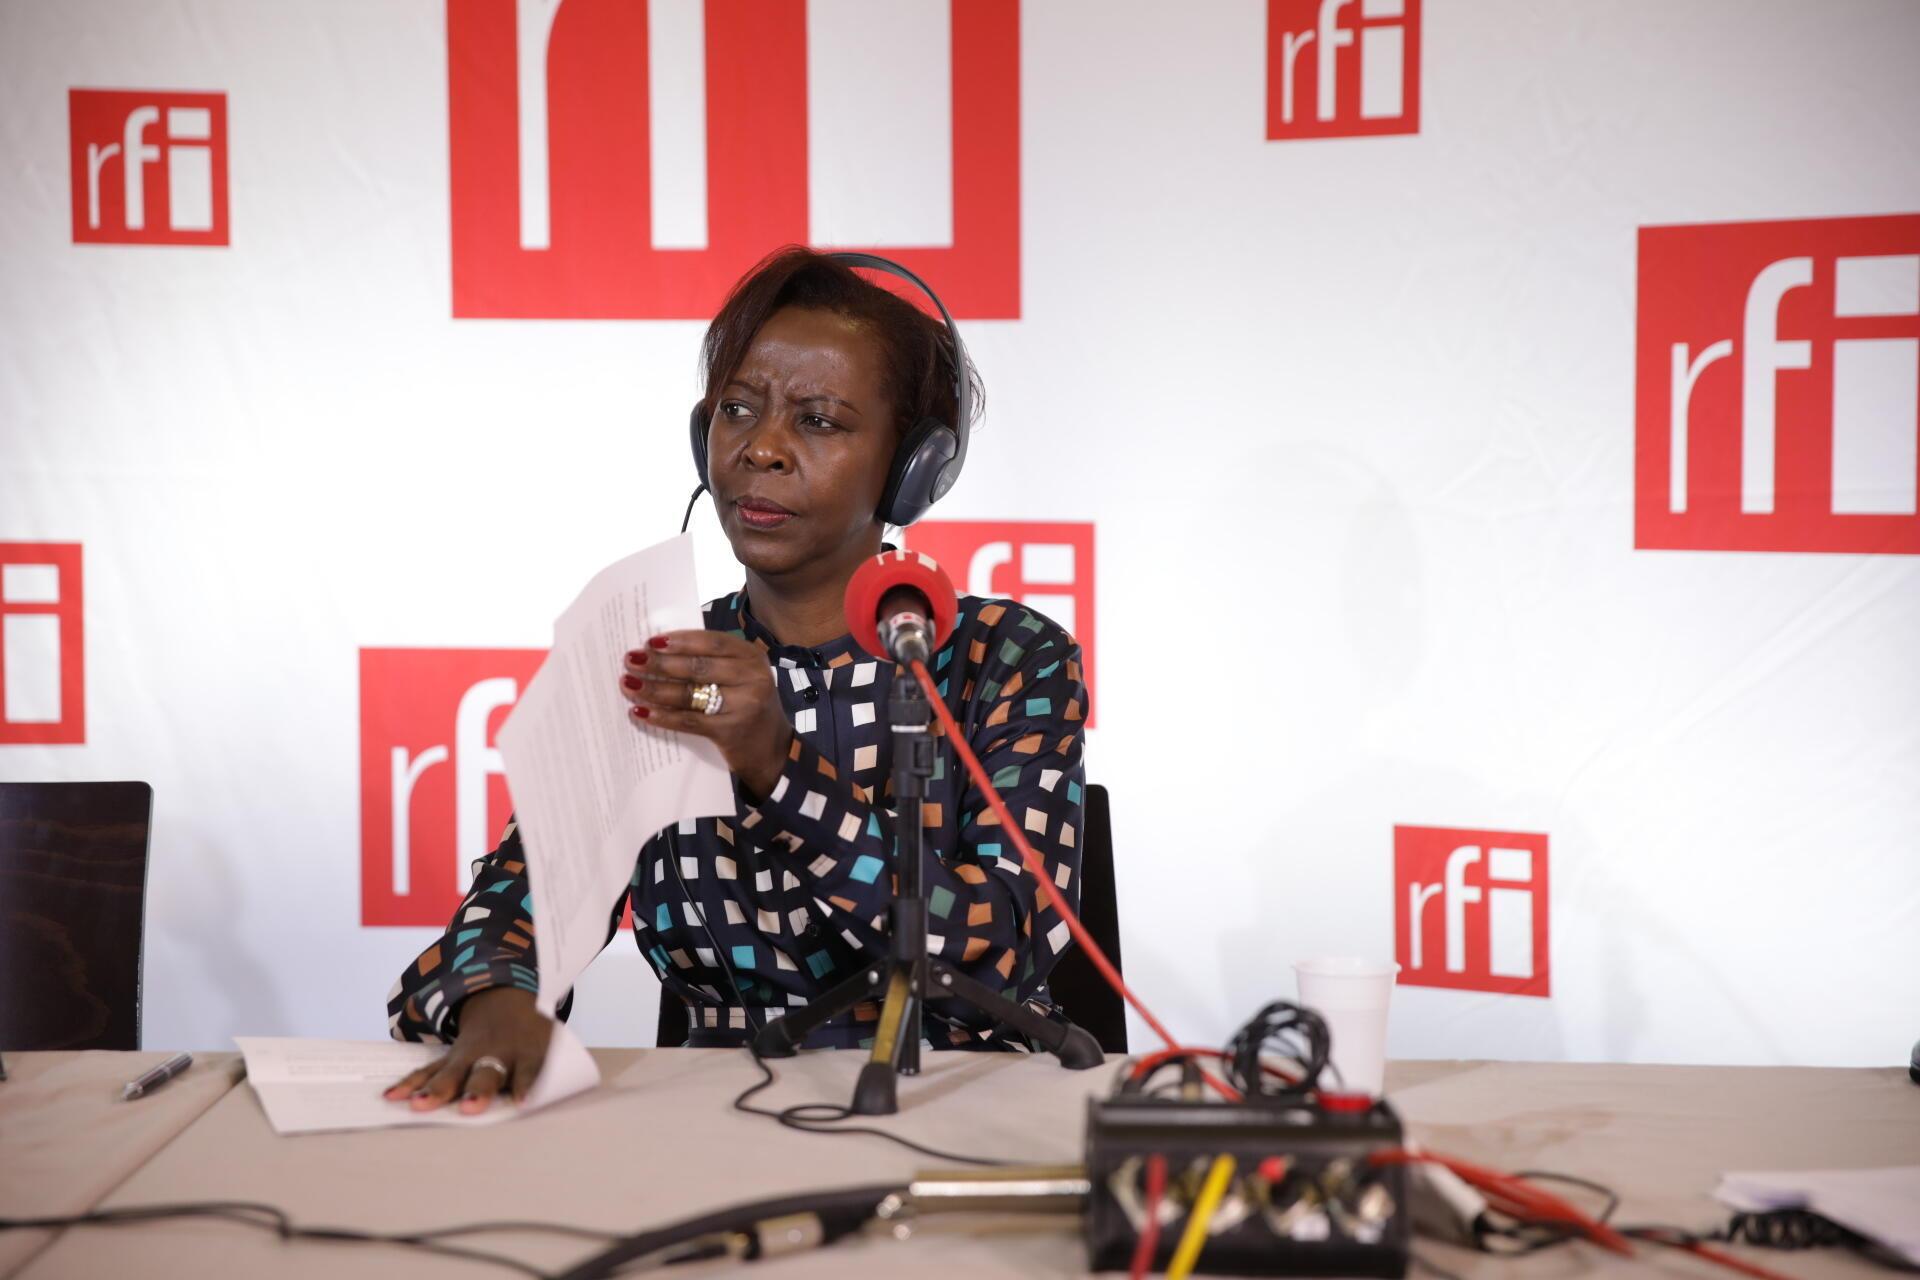 Louise Mushikiwabo lors de l'édition spéciale de RFI.